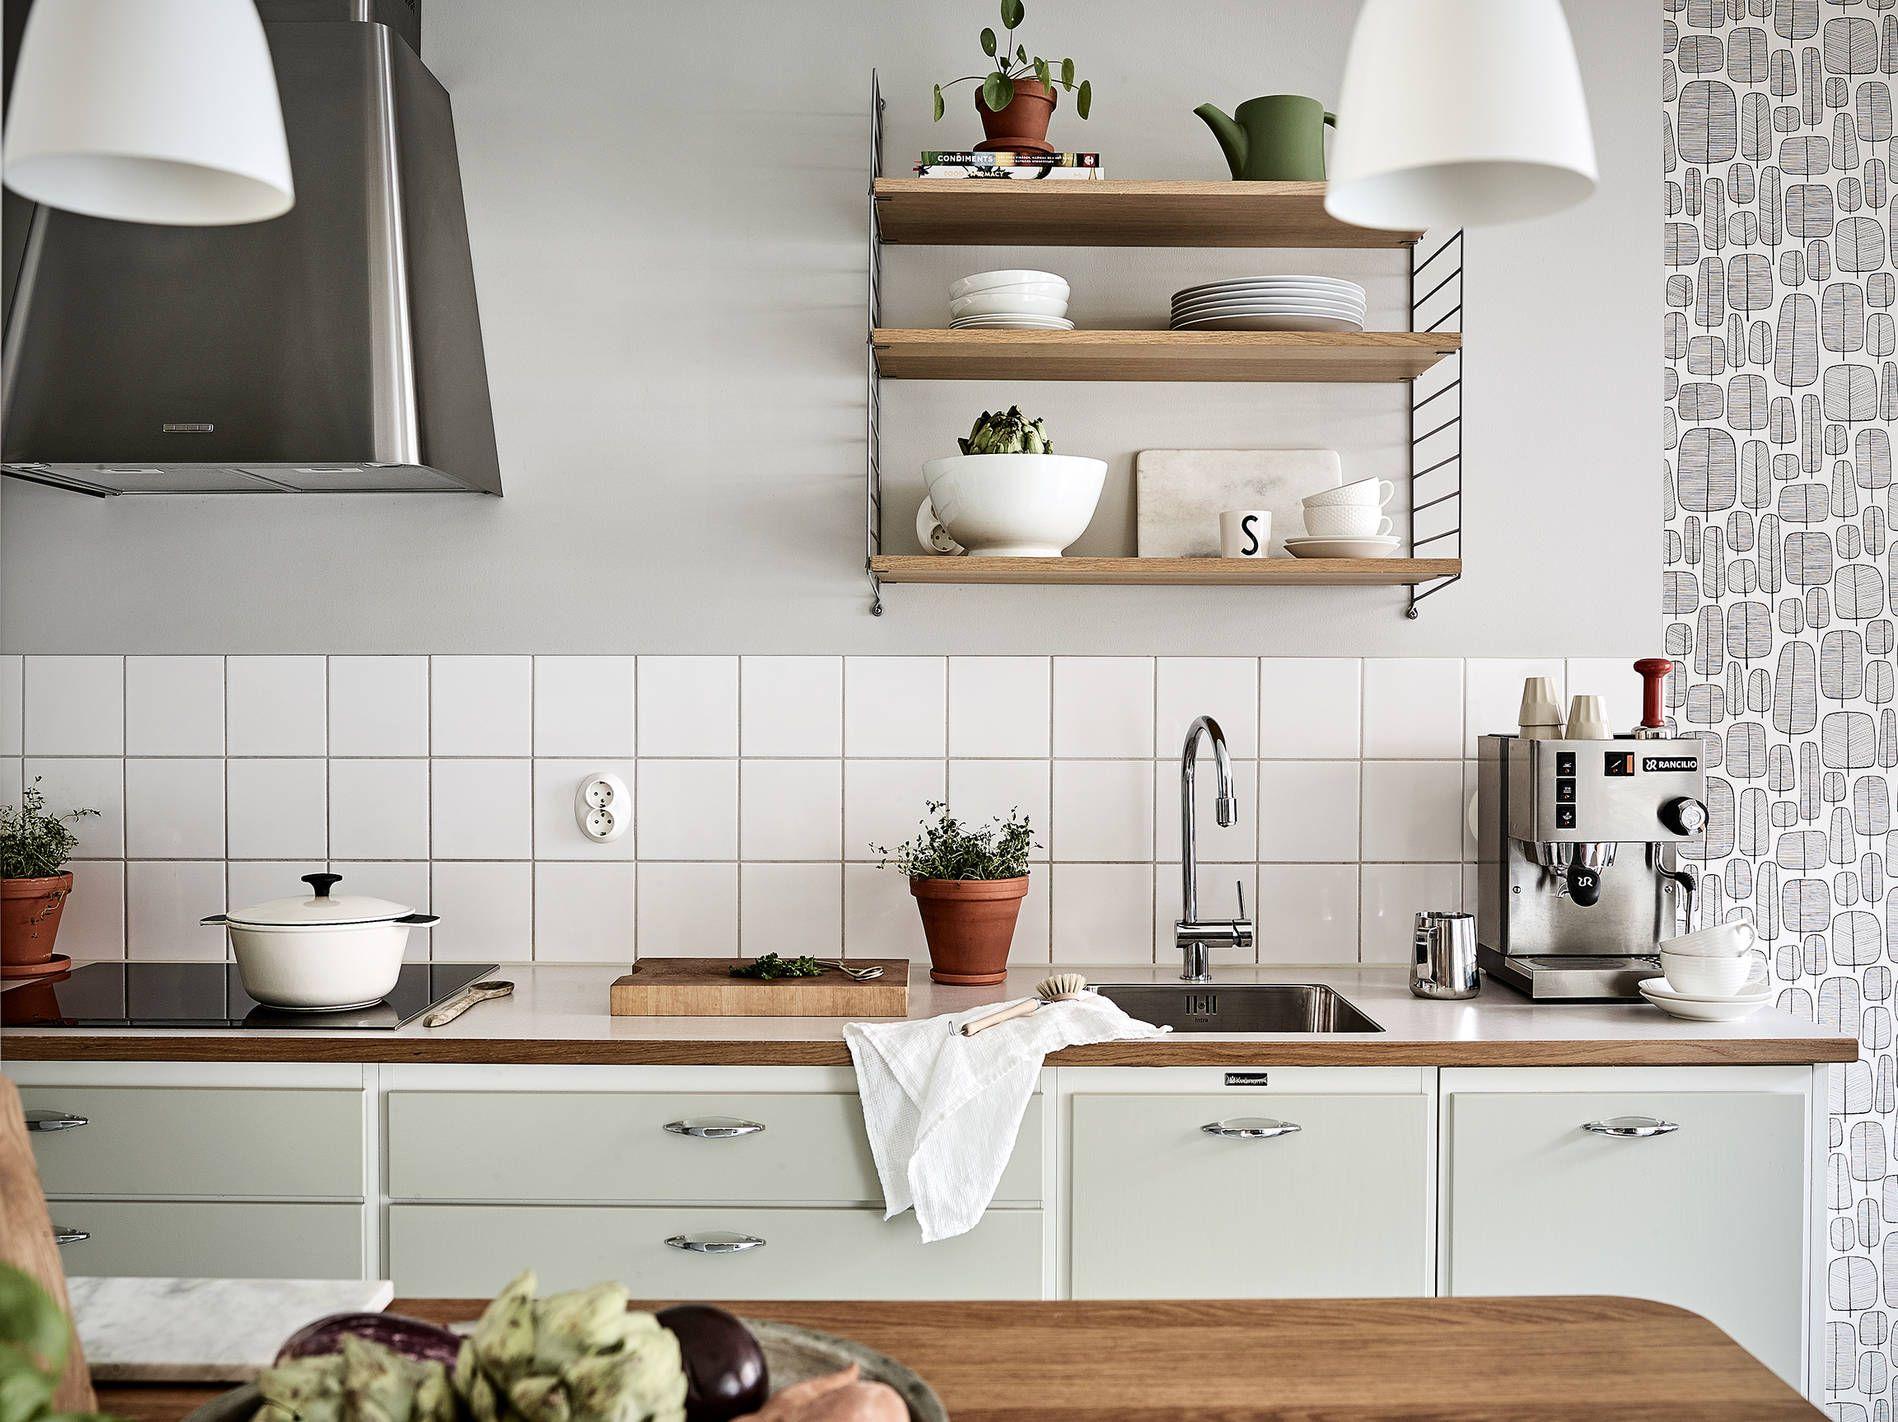 Köket från Kvänum renoverades 2013  interior  Pinterest  부엌 및 인테리어